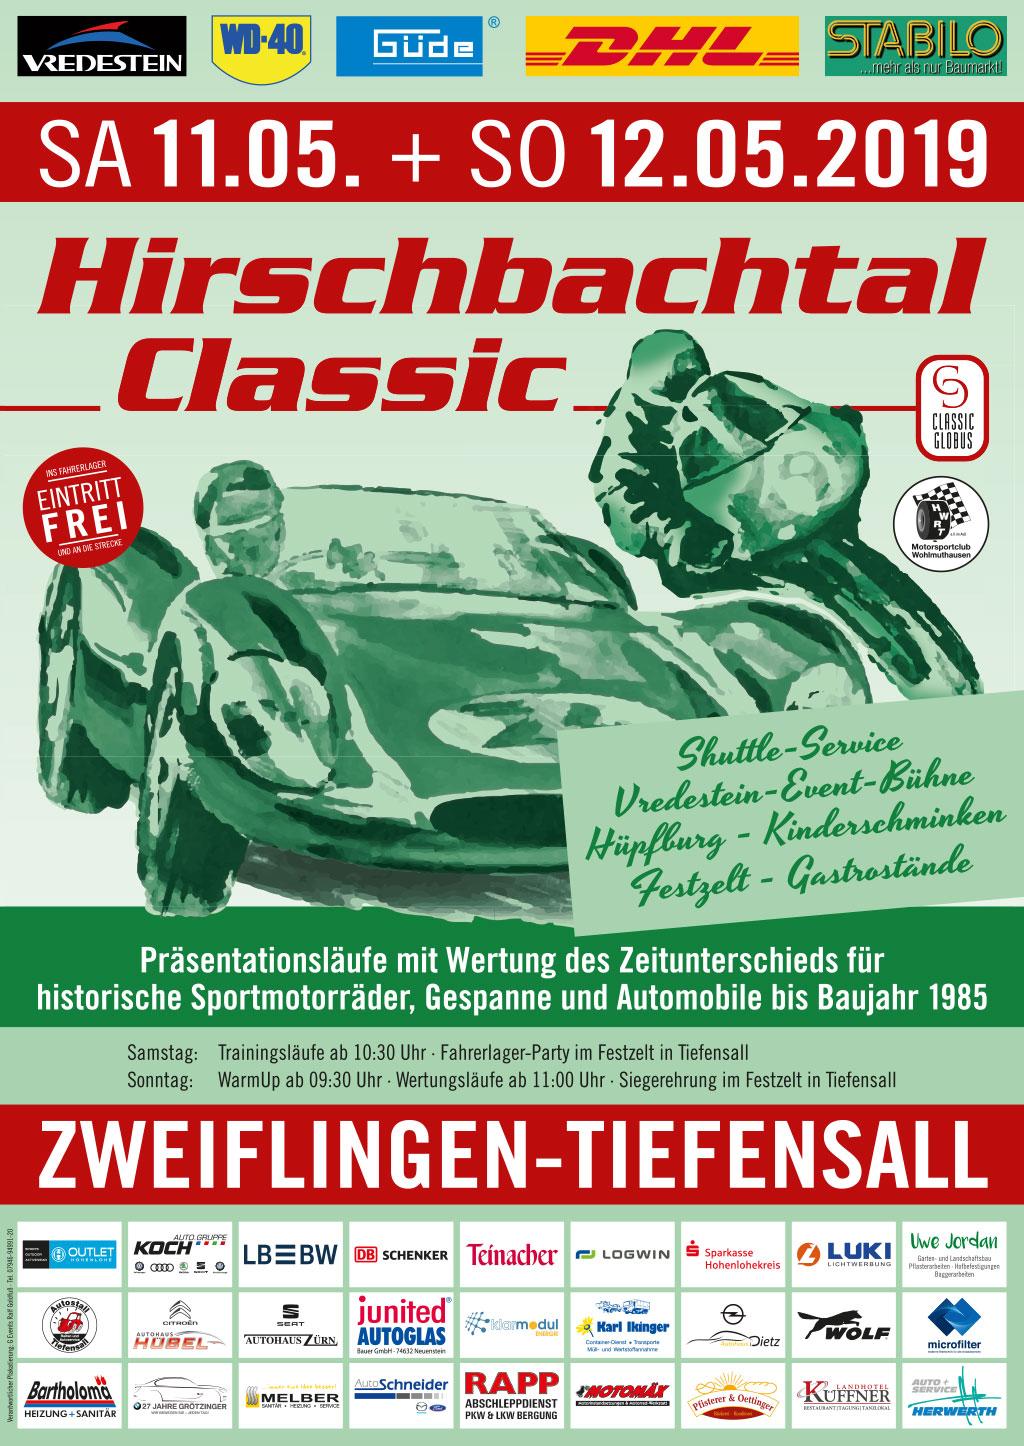 Zur Hirschbachtal Classic 2019